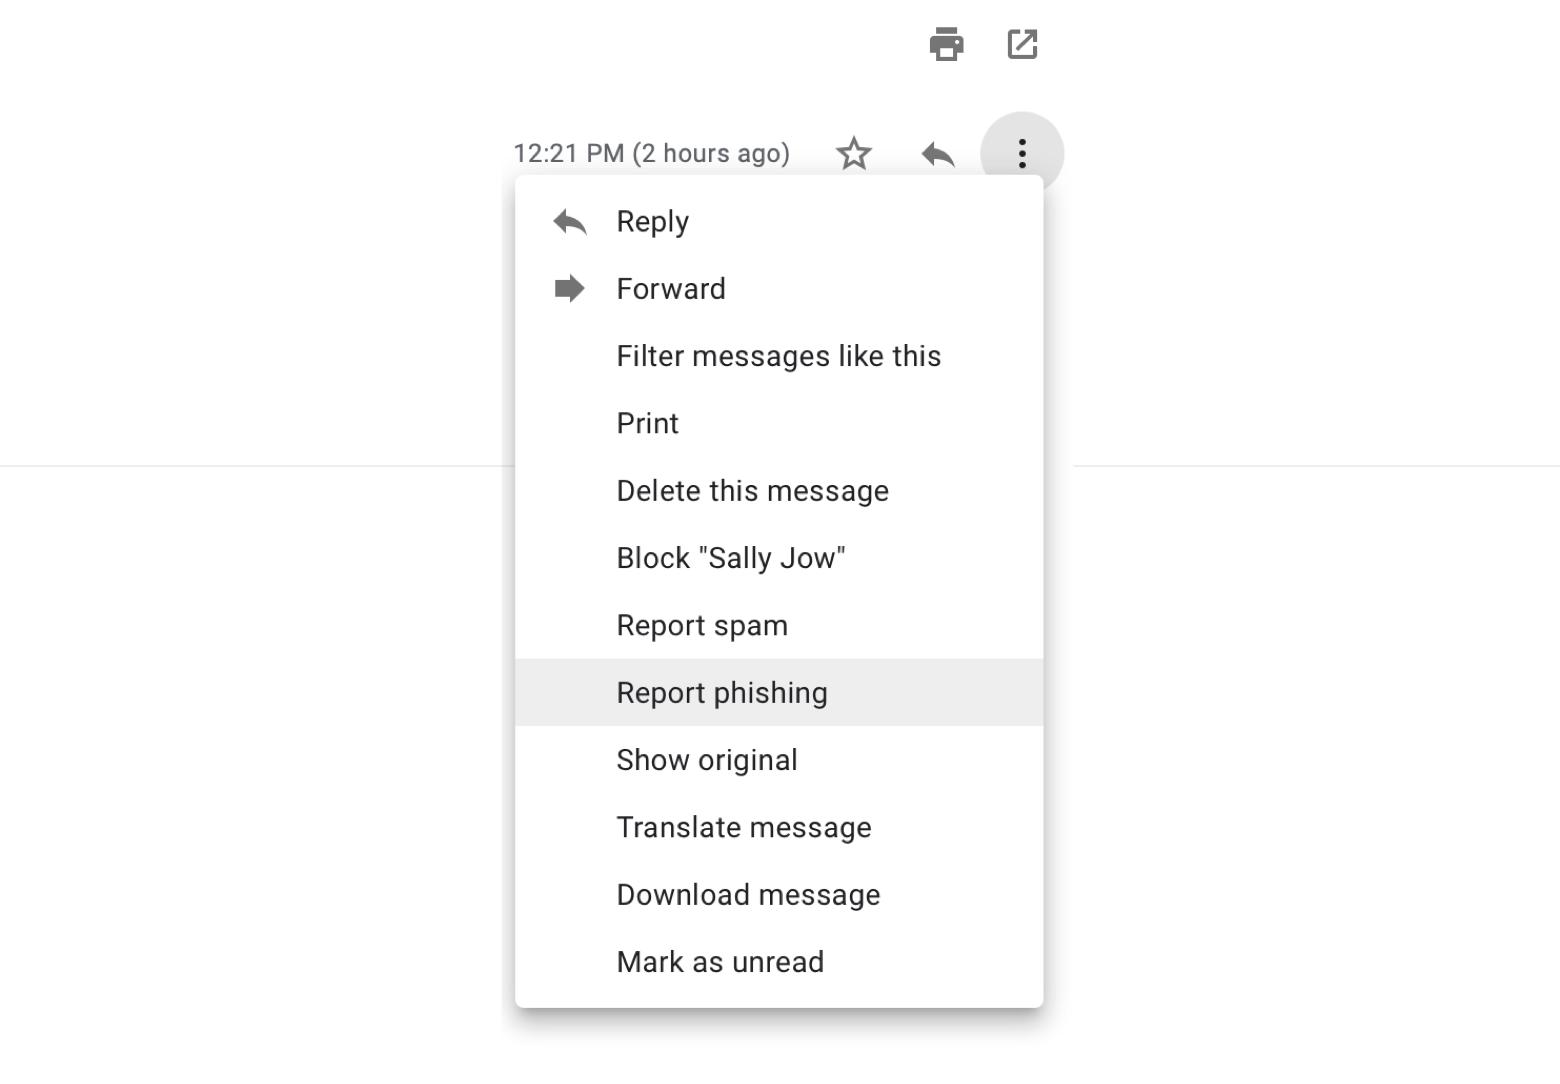 Report phishing